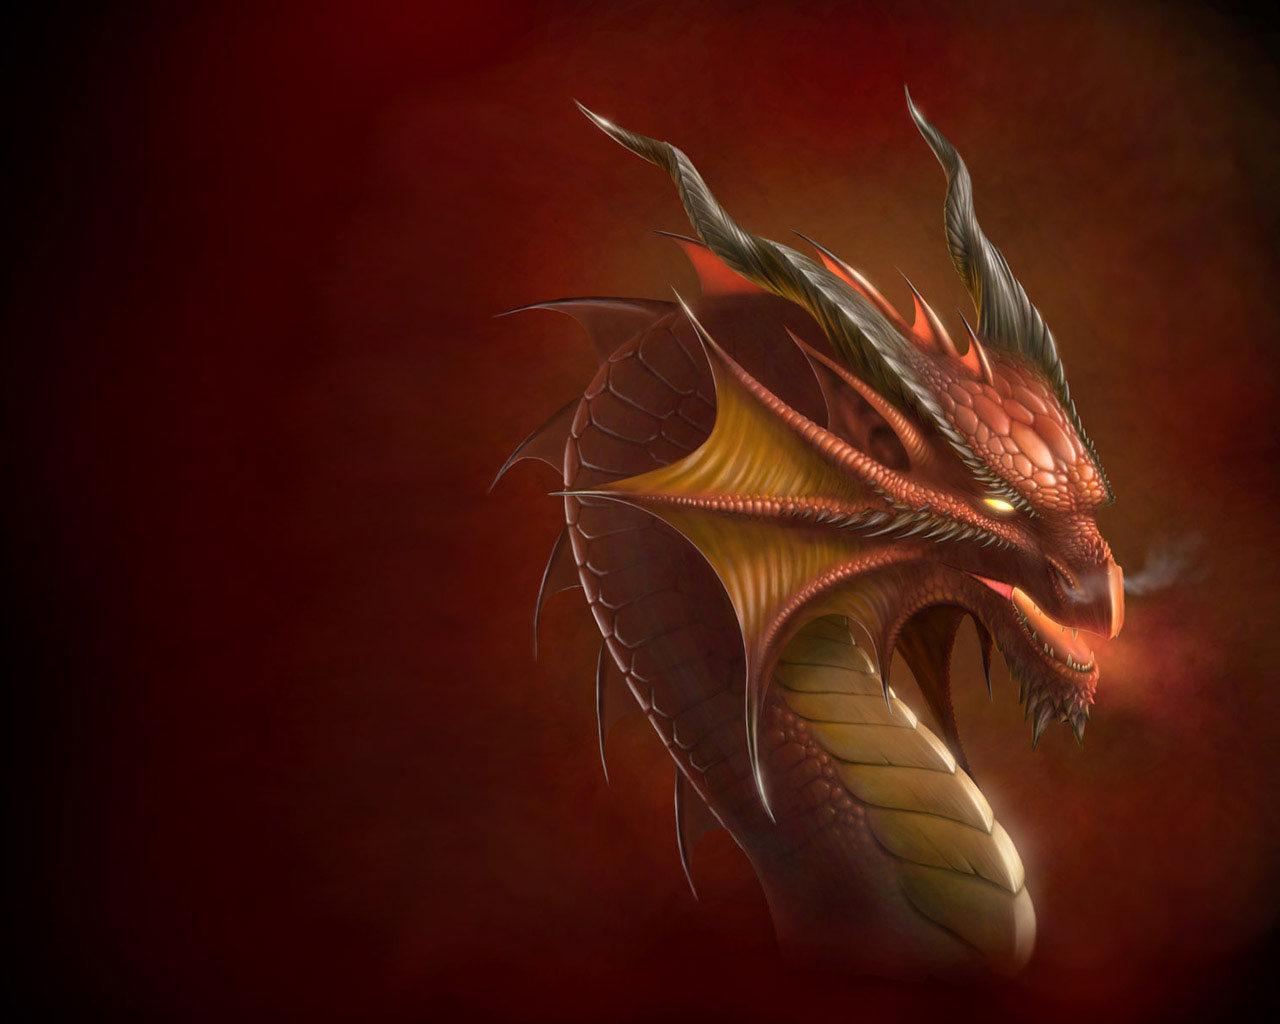 рисунок, дракон, обои для рабочего стола